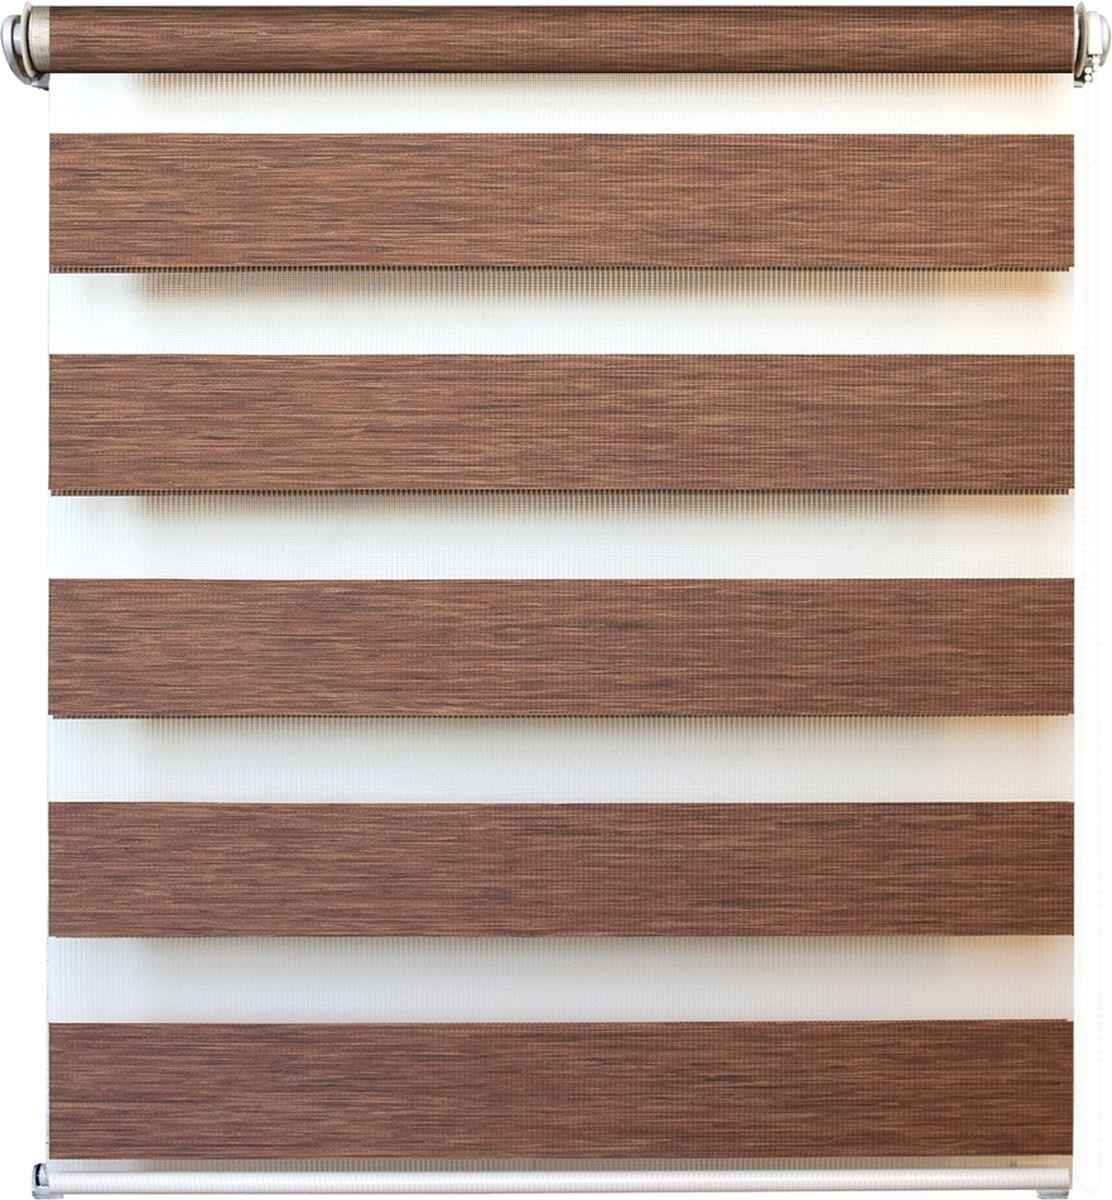 Штора рулонная день/ночь Уют Канзас, цвет: коричневый, 140 х 160 см62.РШТО.7508.070х175Штора рулонная день/ночь Уют Канзас выполнена из прочного полиэстера, в котором чередуются полосы различной плотности и фактуры. Управление двойным слоем ткани с помощью цепочки позволяет регулировать степень светопроницаемости шторы. Если совпали плотные полосы, то прозрачные будут открыты максимально. Это положение шторы называется День. Максимальное затемнение помещения достигается при полном совпадении полос разных фактур. Это положение шторы называется Ночь. Конструкция шторы также позволяет полностью свернуть полотно, обеспечив максимальное открытие окна. Рулонная штора - это разновидность штор, которая закрывает не весь оконный проем, а непосредственно само стекло. Такая штора очень компактна, что помогает сэкономить пространство. Универсальная конструкция позволяет монтировать штору на стену, потолок, деревянные или пластиковые рамы окон. В комплект входят кронштейны и нижний утяжелитель. Возможна установка с управлением цепочкой как справа, так и слева. Такая штора станет прекрасным элементом декора окна и гармонично впишется в интерьер любого помещения. Классический дизайн подойдет для гостиной, спальни, кухни, кабинета или офиса.